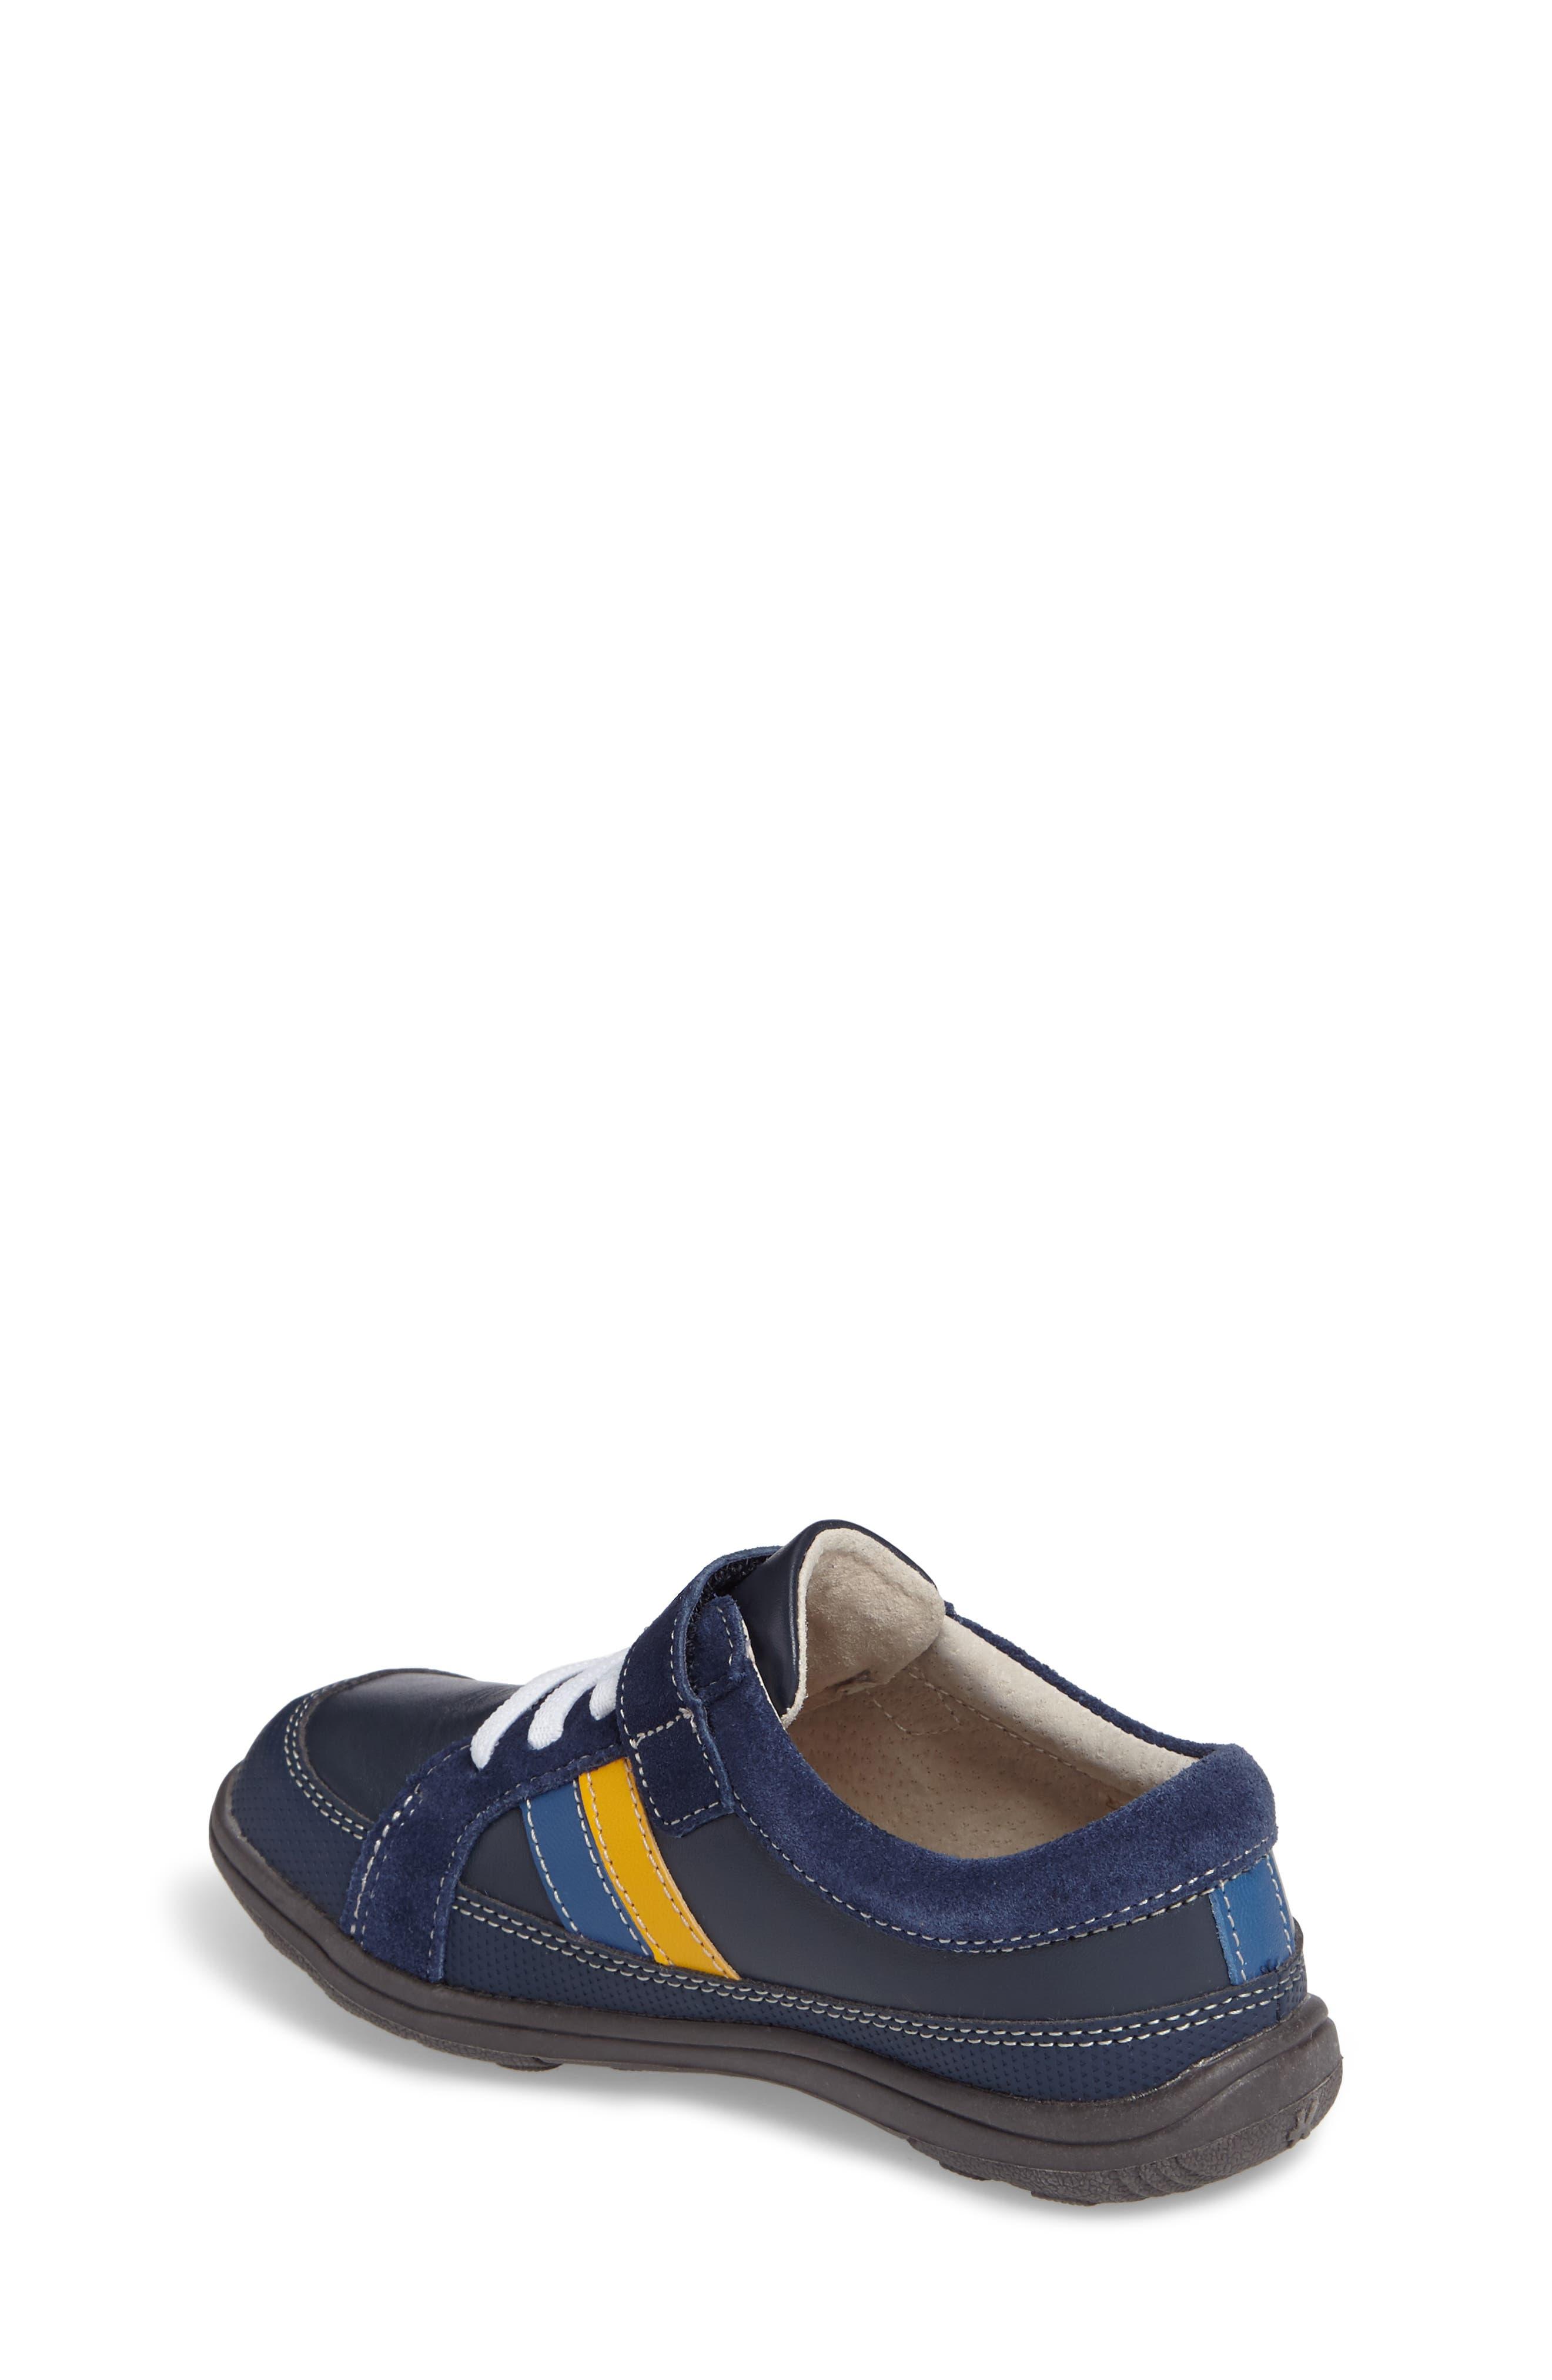 'Randall' Sneaker,                             Alternate thumbnail 2, color,                             411